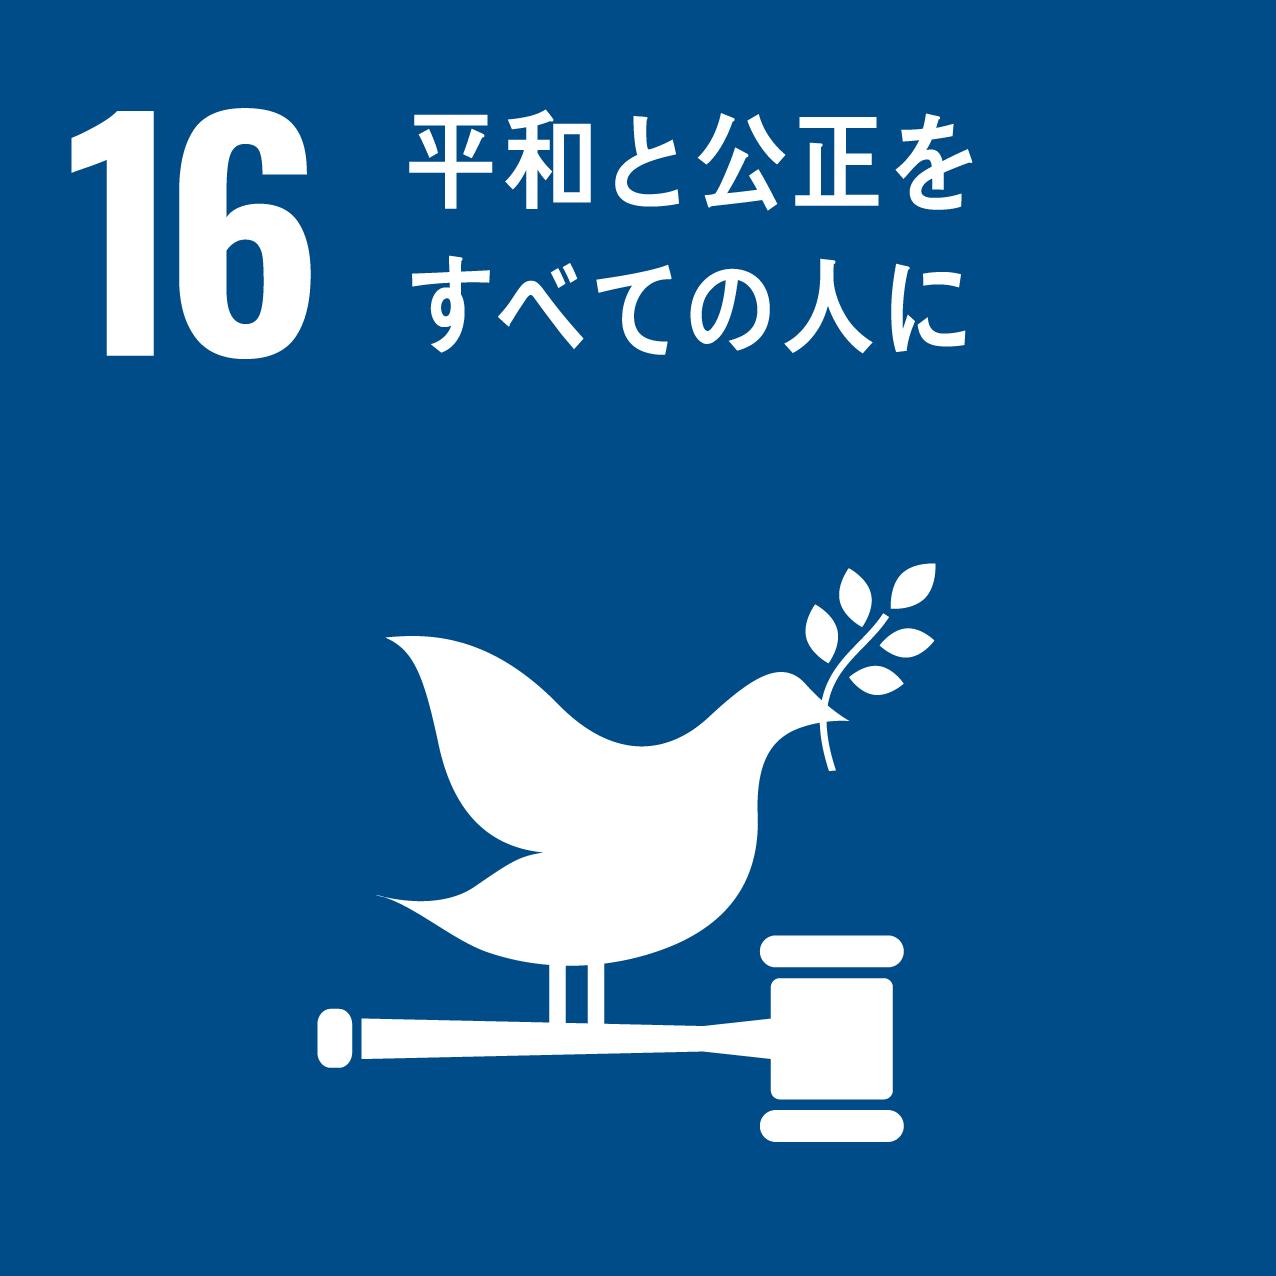 16.平和と公正